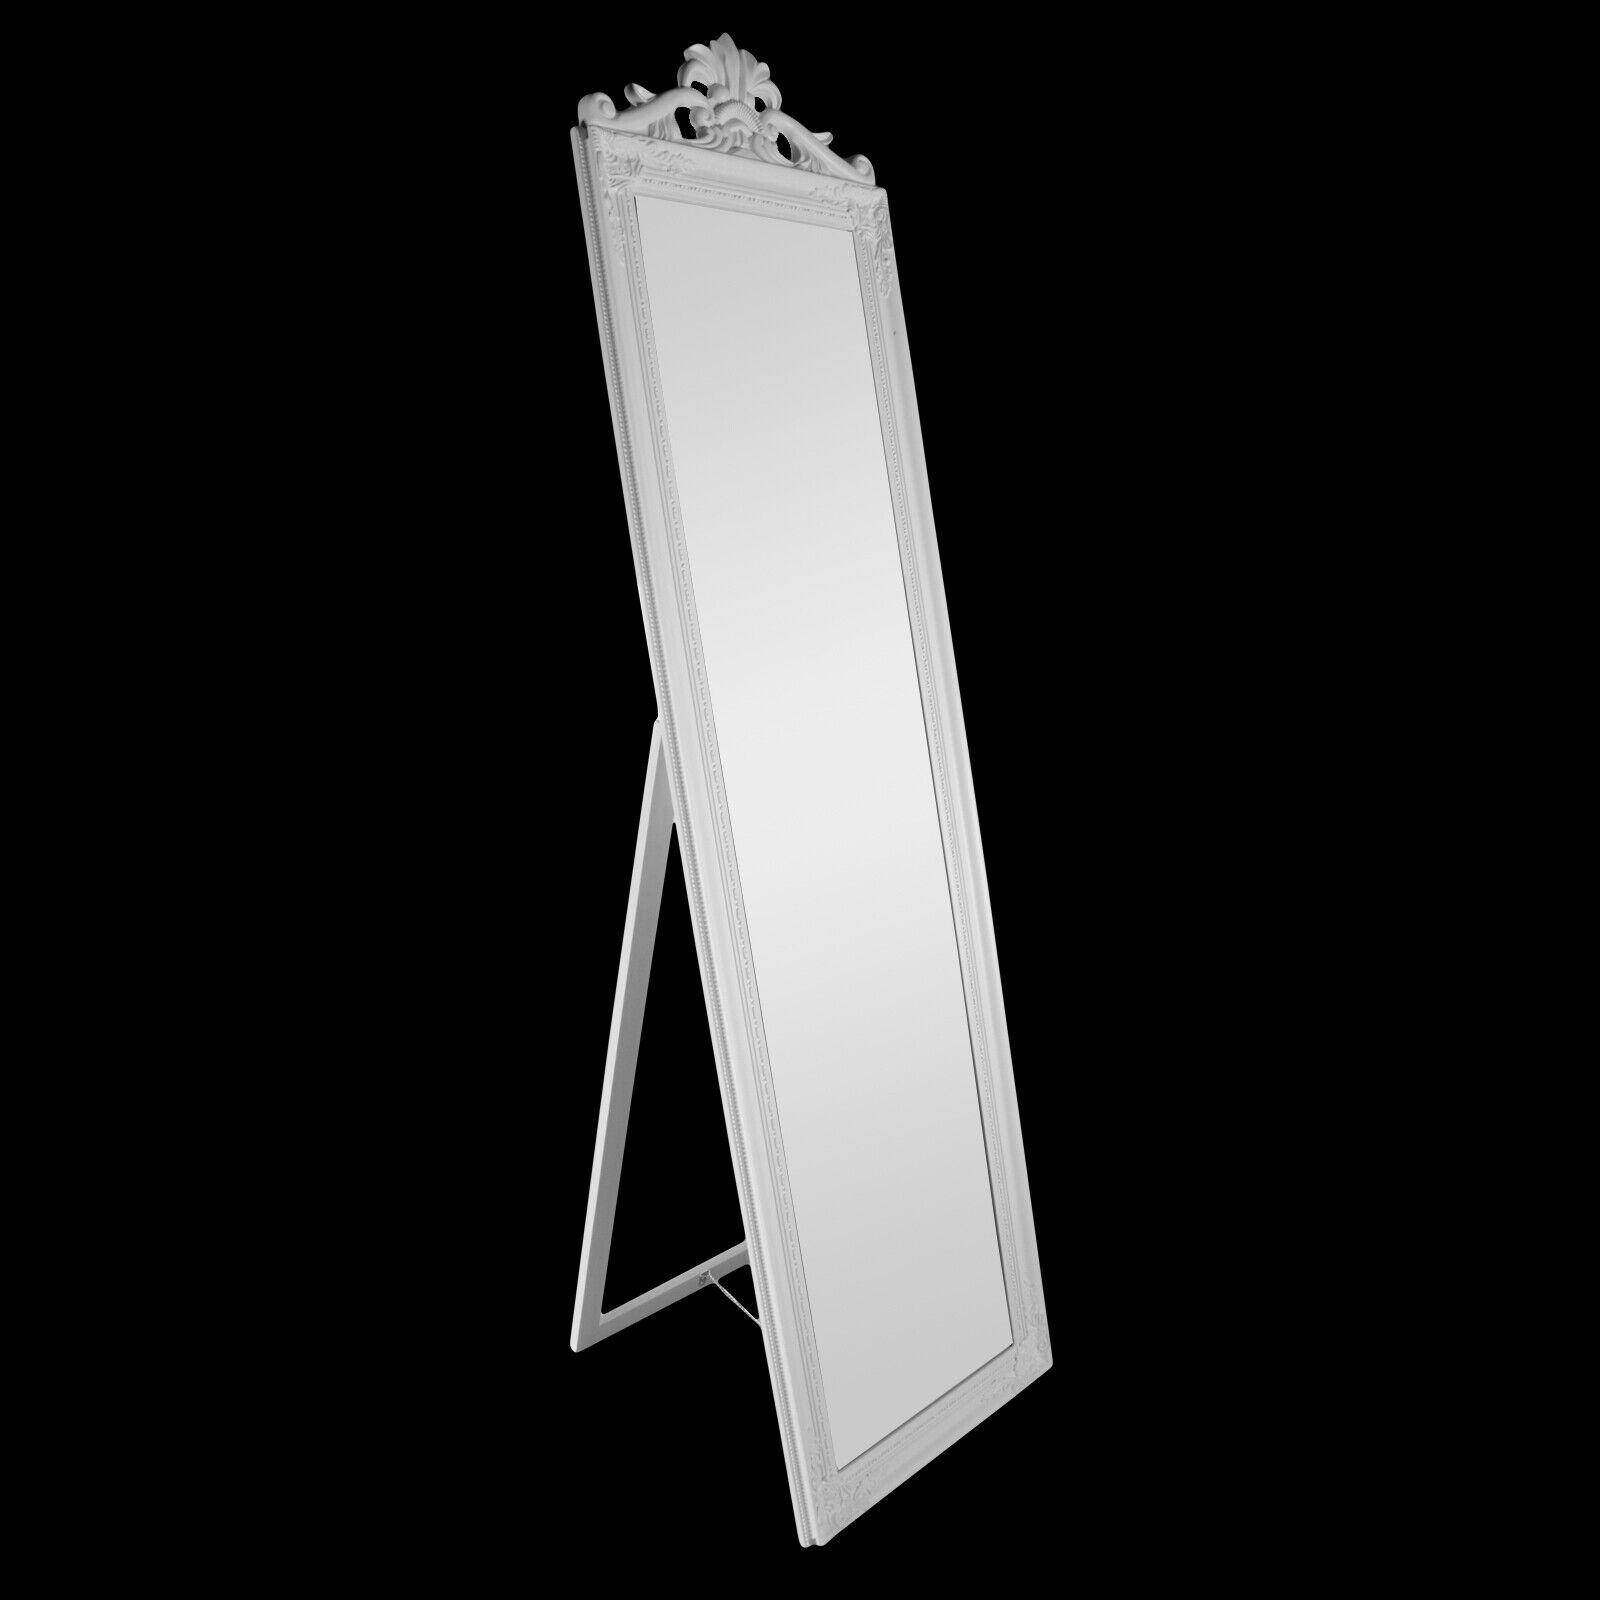 Standspiegel Barock Krone Ankleidespiegel Spiegel Garderobenspiegel 170 x 45 cm